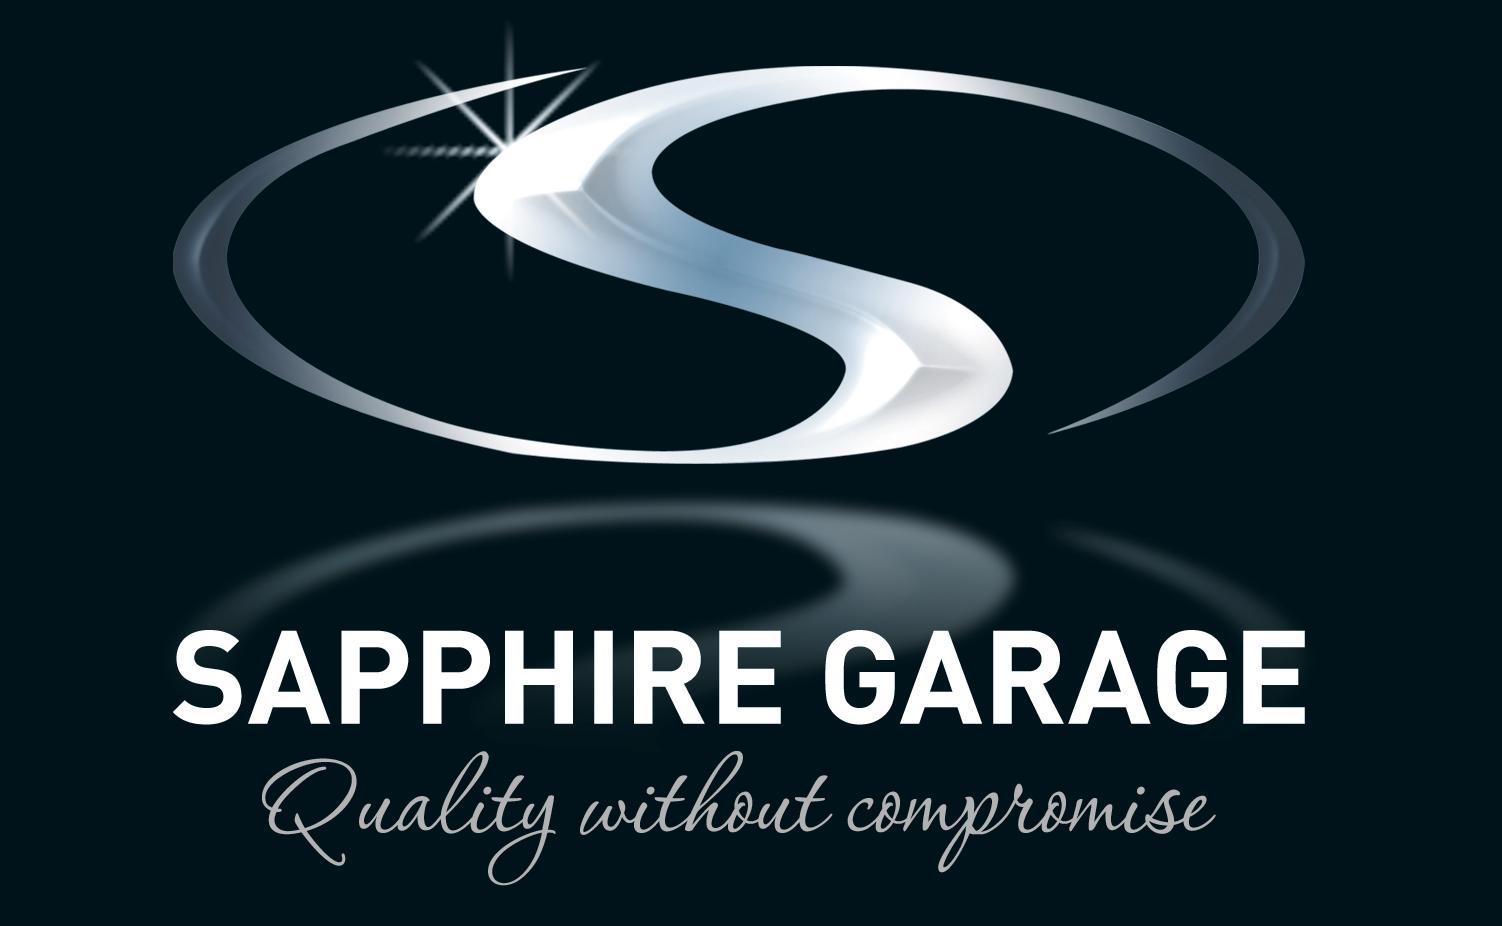 Sapphire Garage